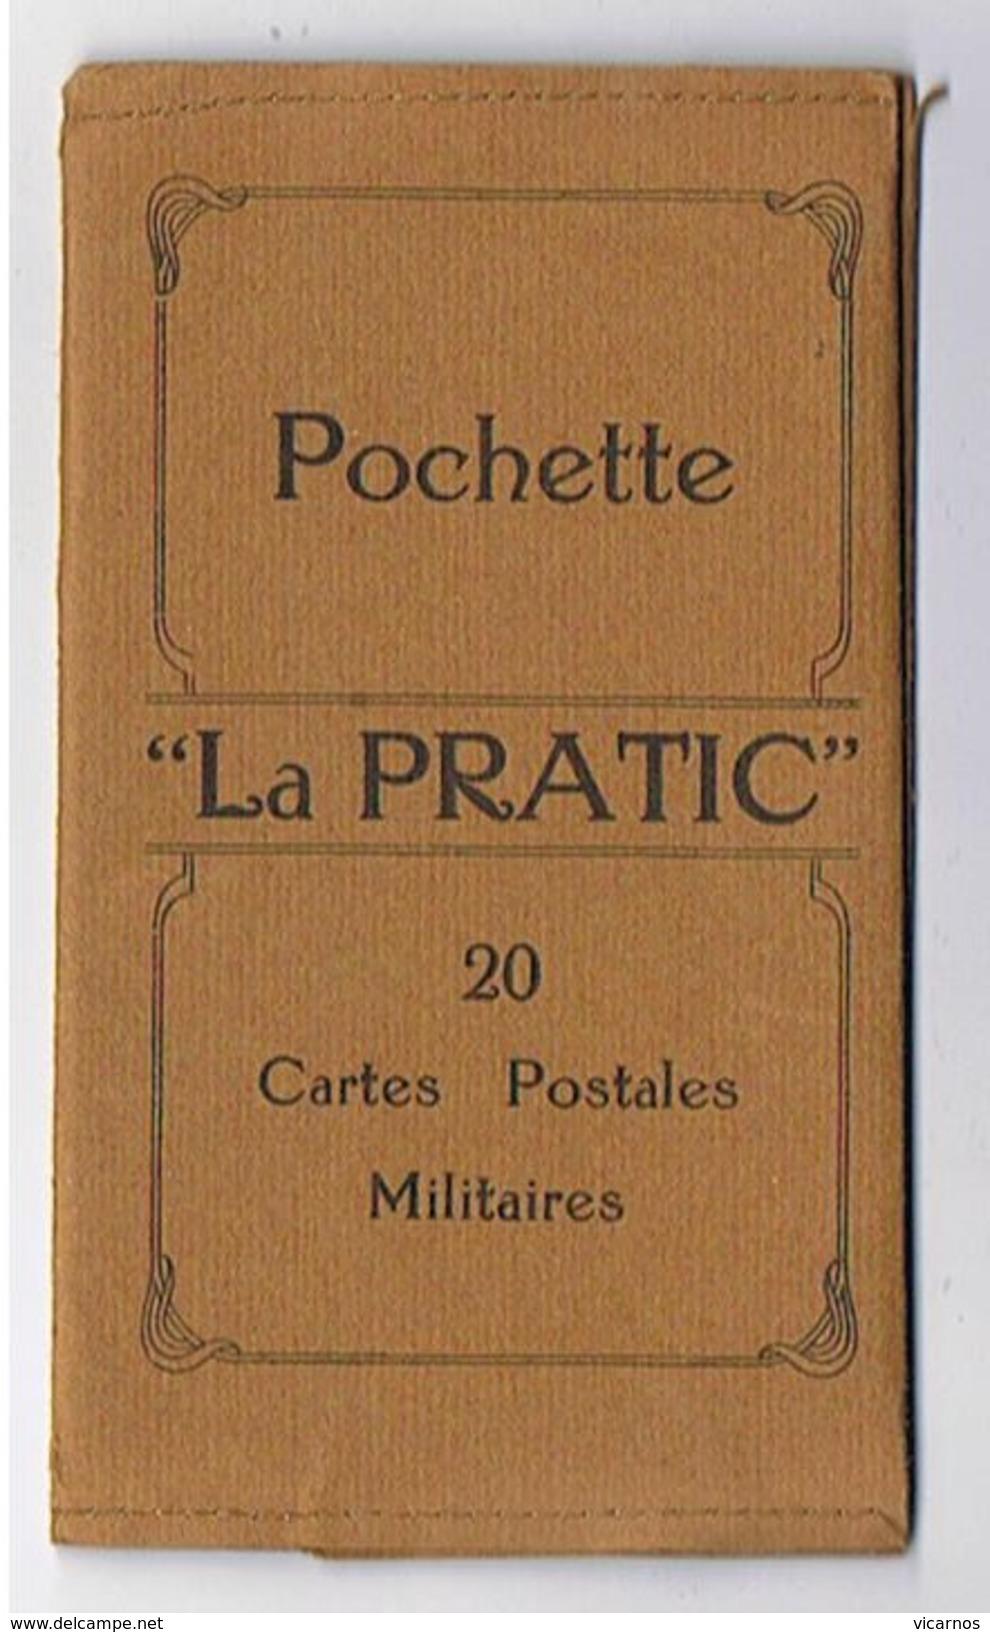 """POCHETTE """"La Pratic"""" 16 Cartes Postales Militaires Vierges - Other"""